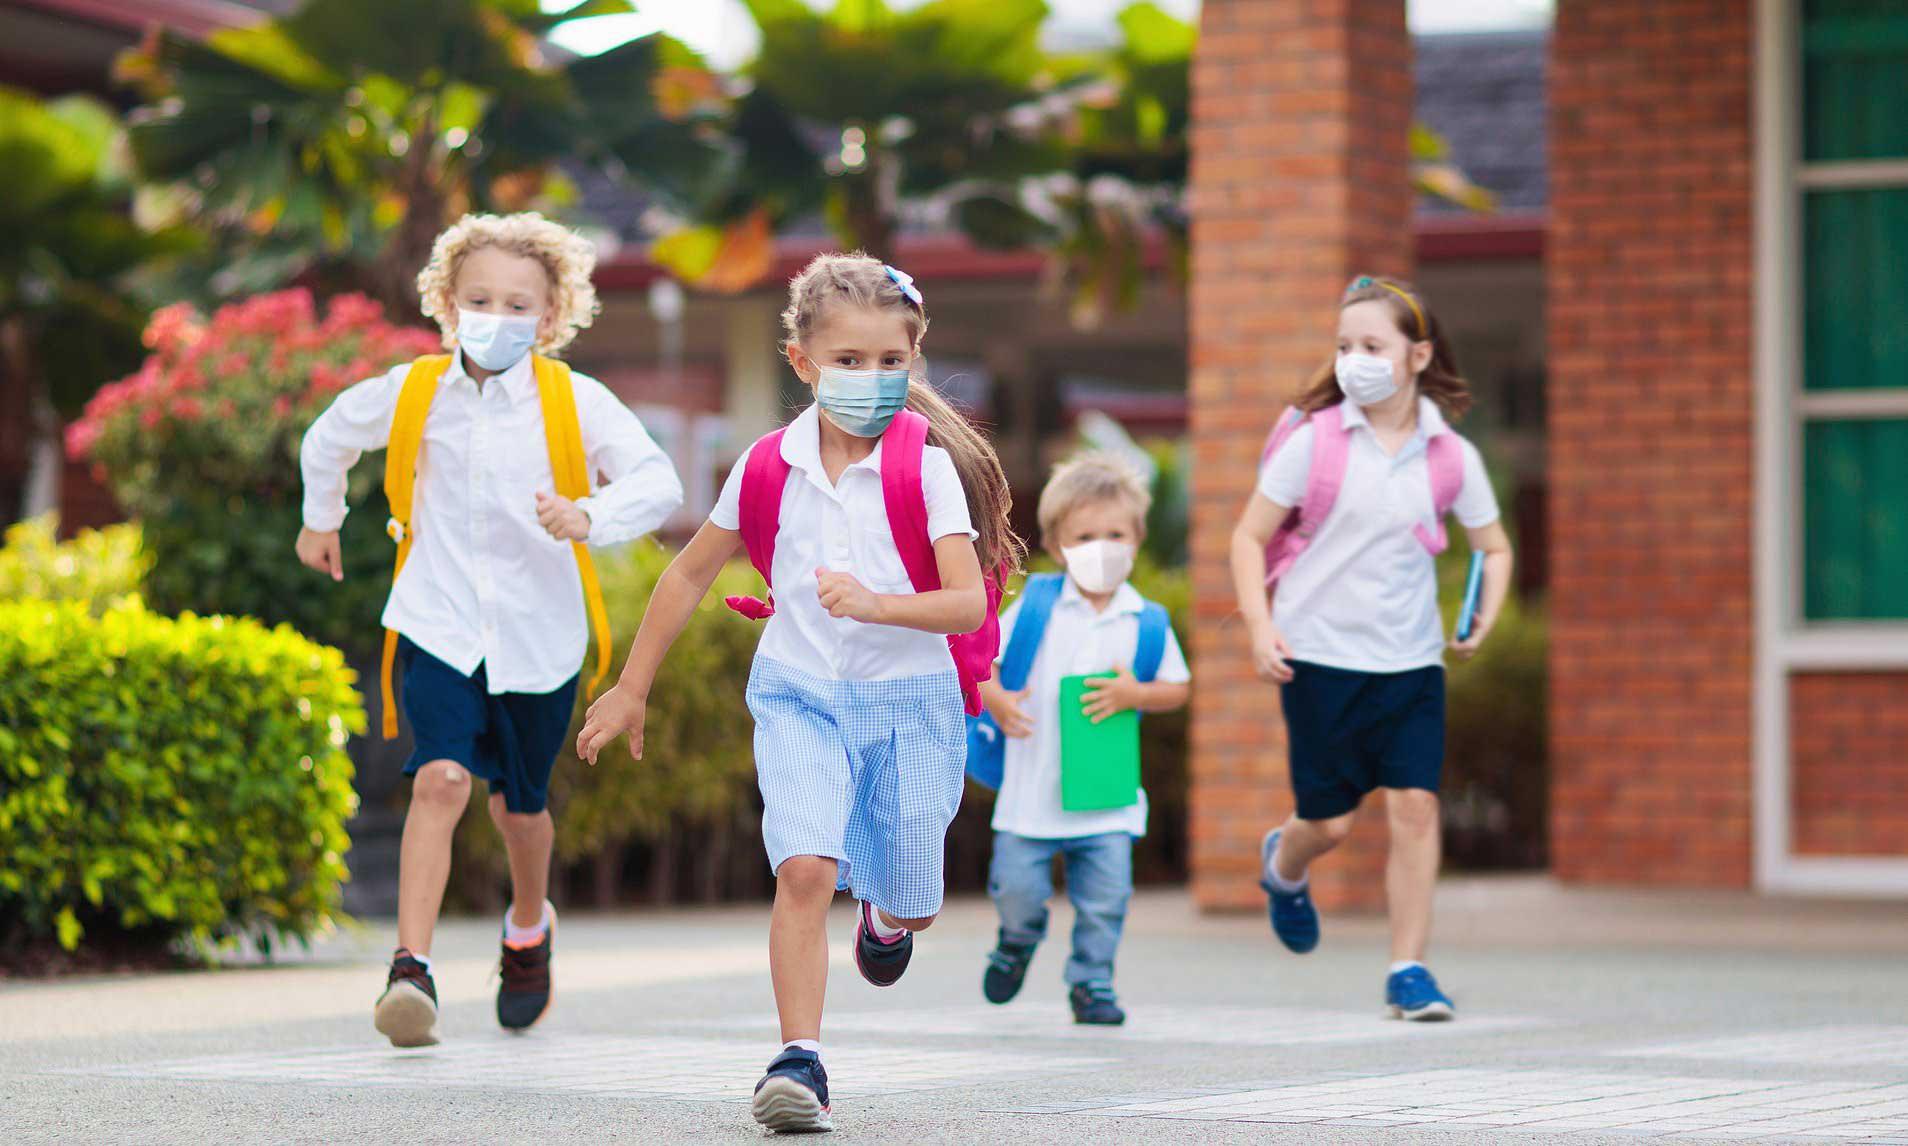 Posibilă schimbare a structurii anului școlar: trimestre în loc de semestre și vacanță de vară mai scurtă